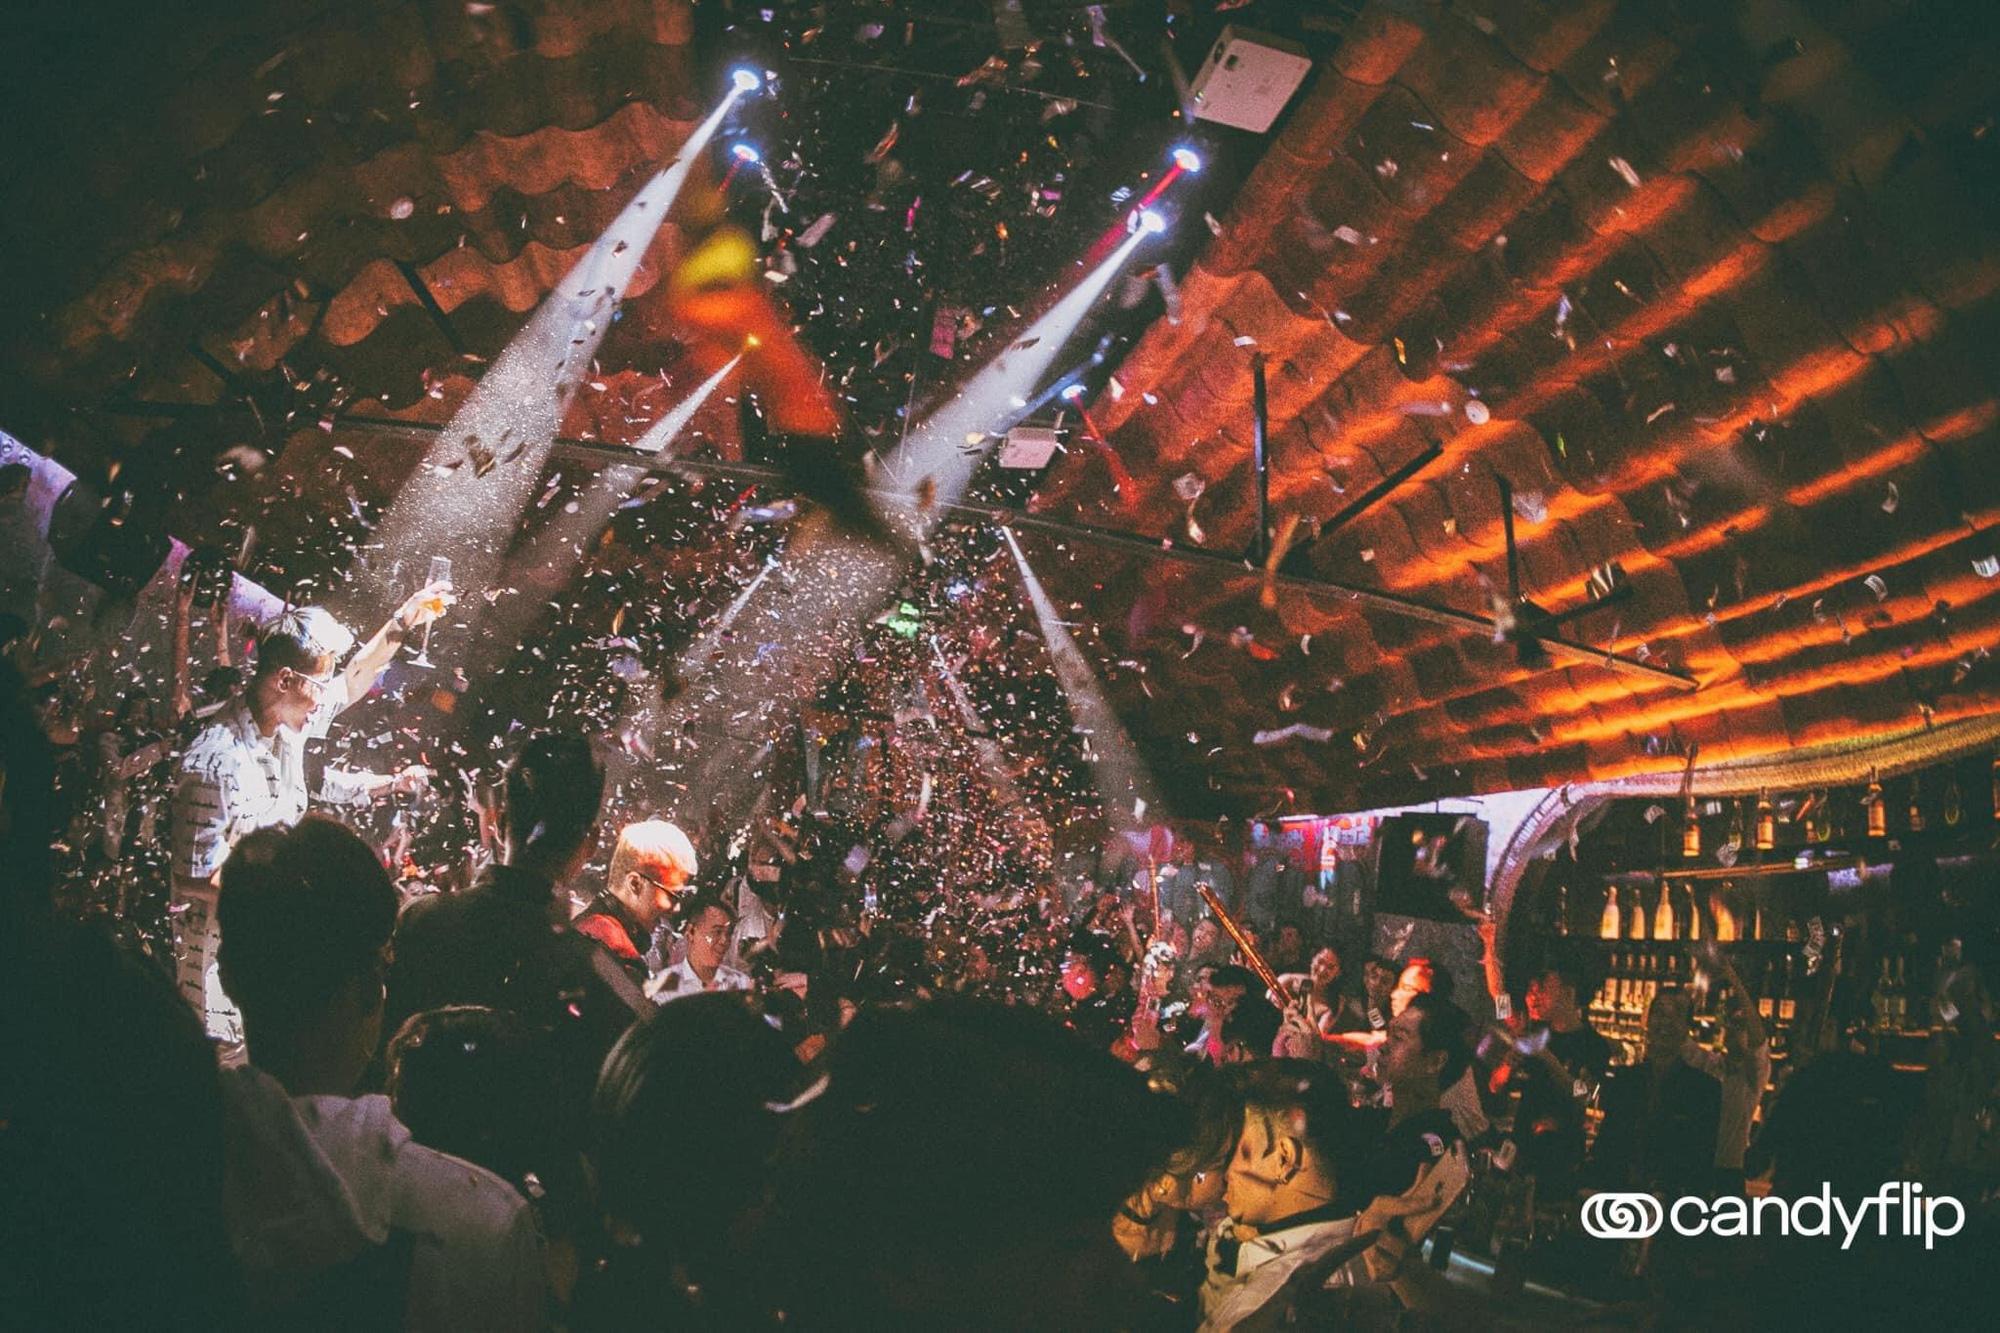 Tâm điểm sự kiện cuối tuần: Xôn xao chàng DJ bí ẩn xuất hiện giữa tiệc sinh nhật đình đám của nàng hot TikToker Lê Bống - Ảnh 7.